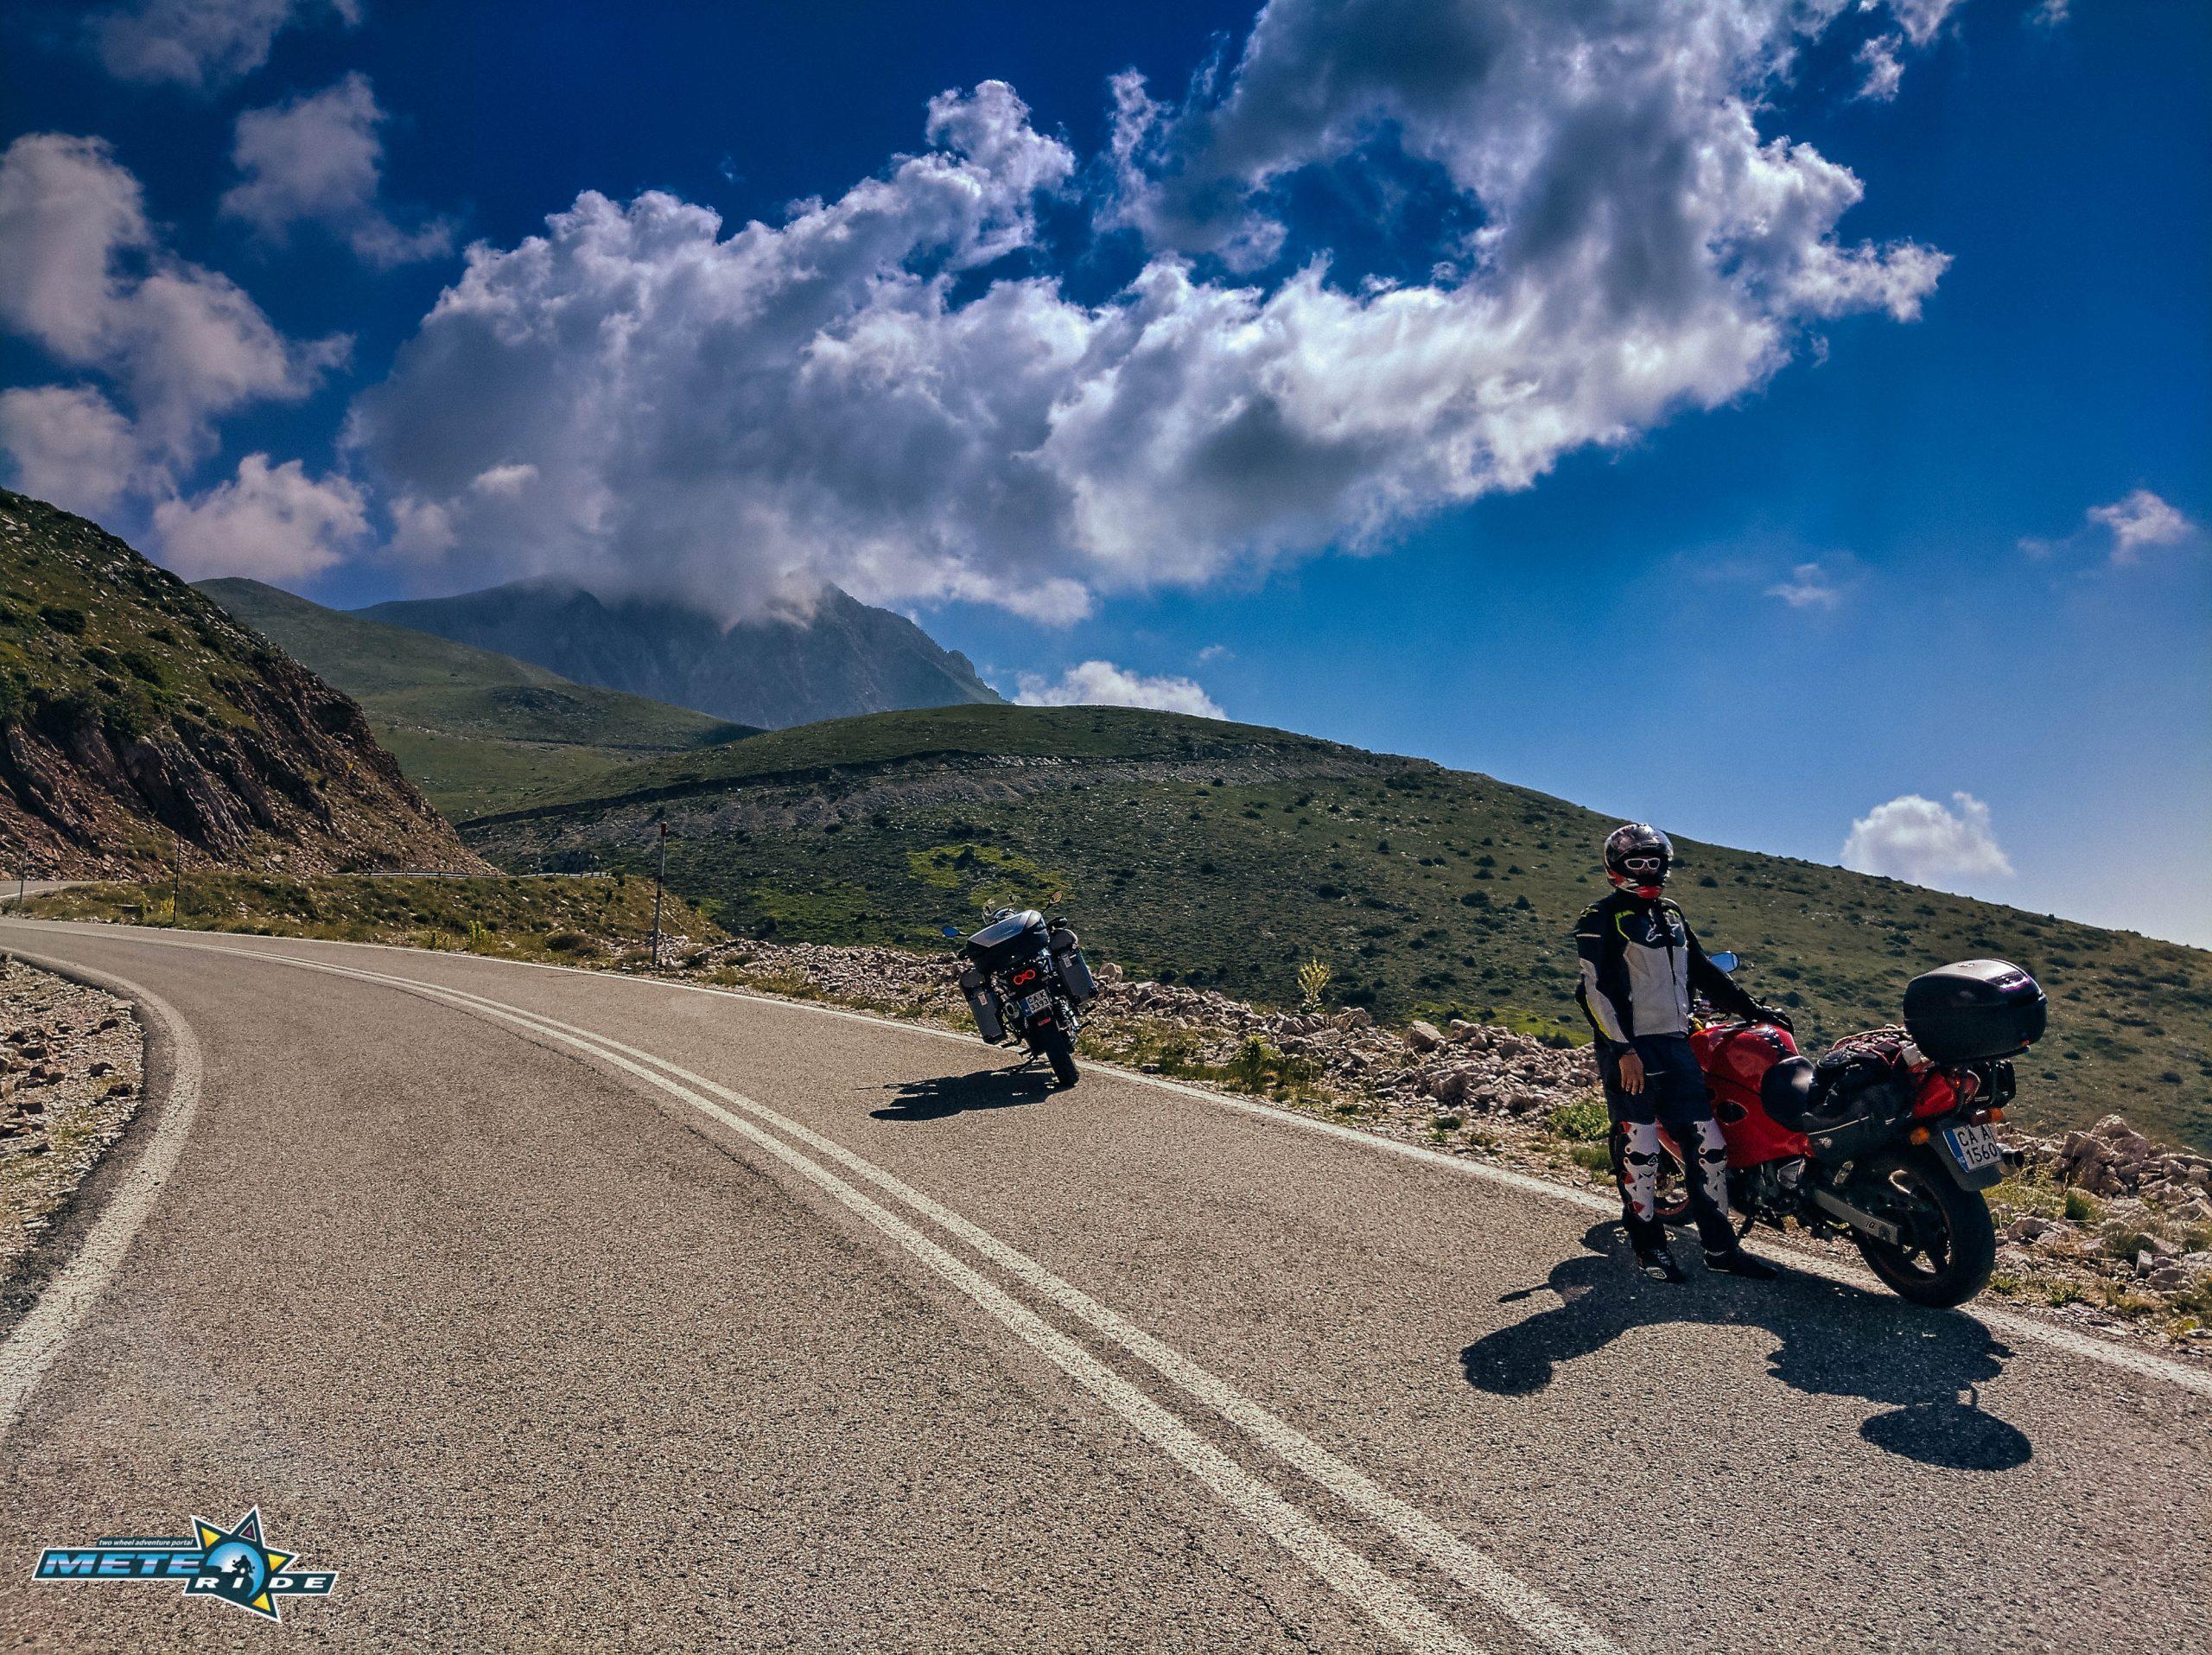 Проходът Велухи - мото първенецът на Евритания или гръцкият Трансфъгърашан Velouchi Pass Timfristos Road